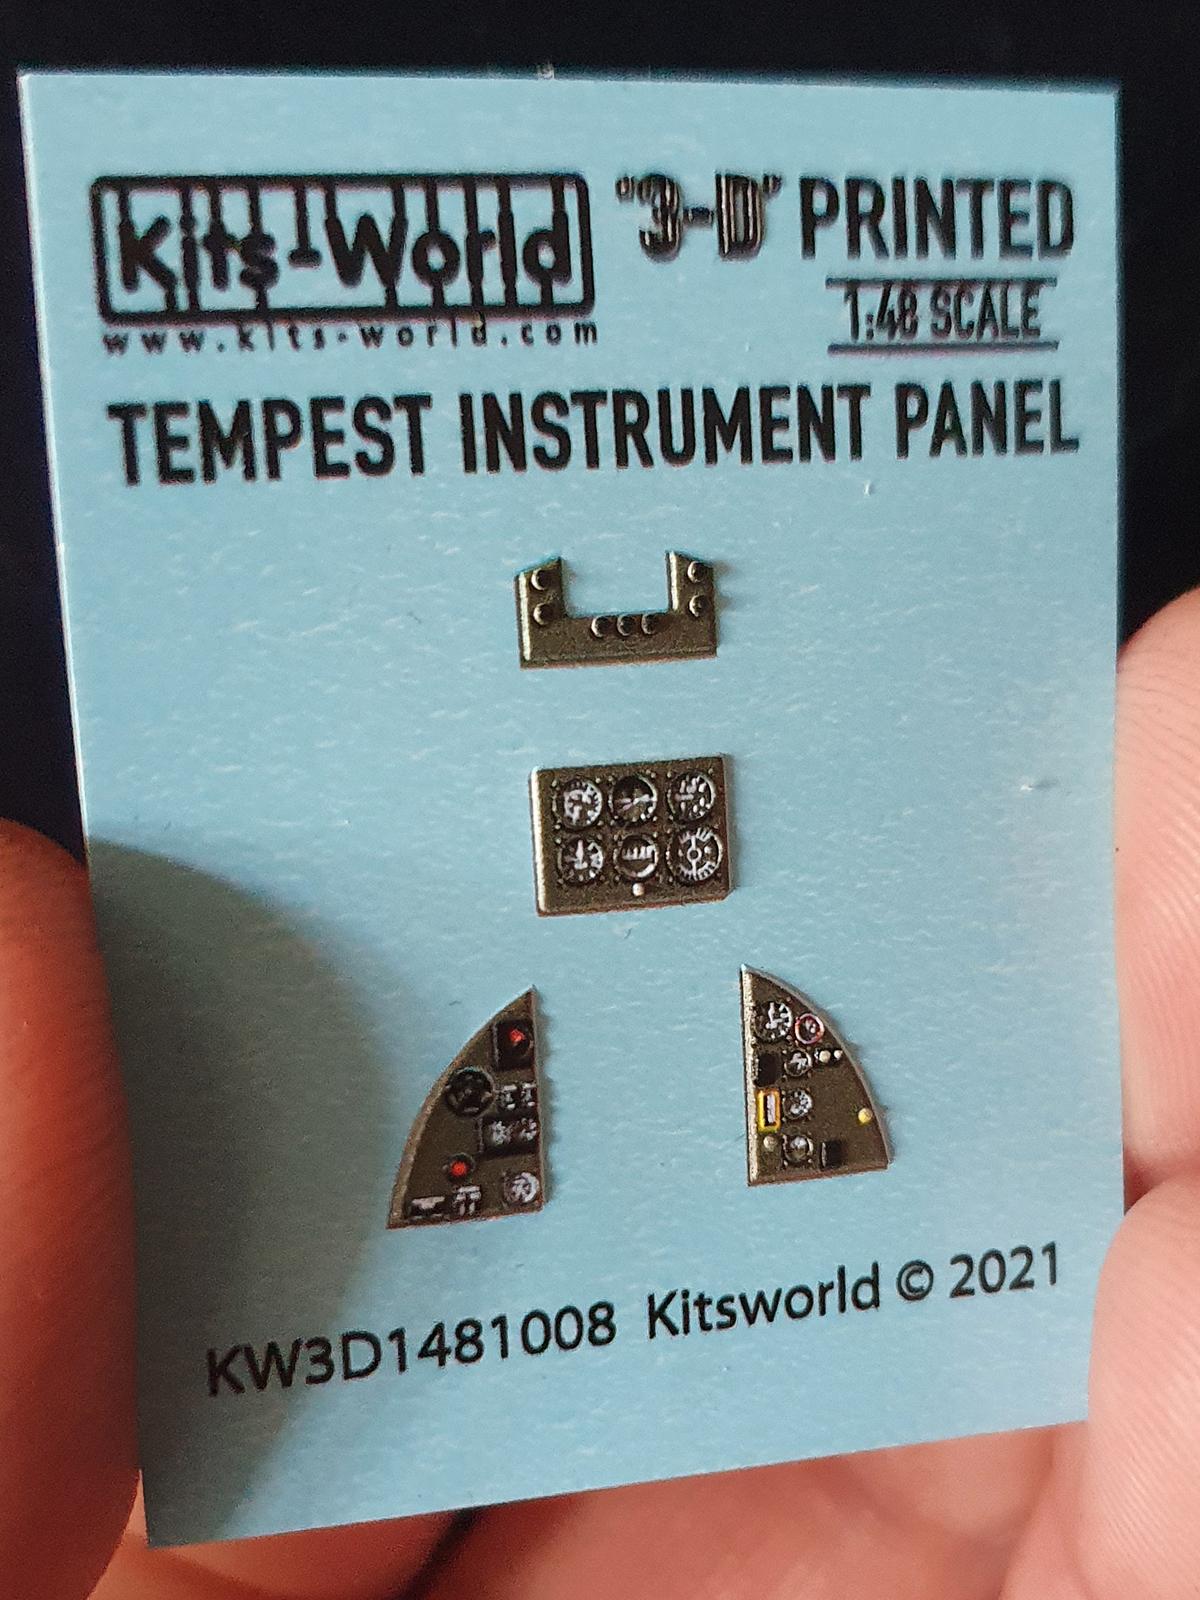 KW3D1481008